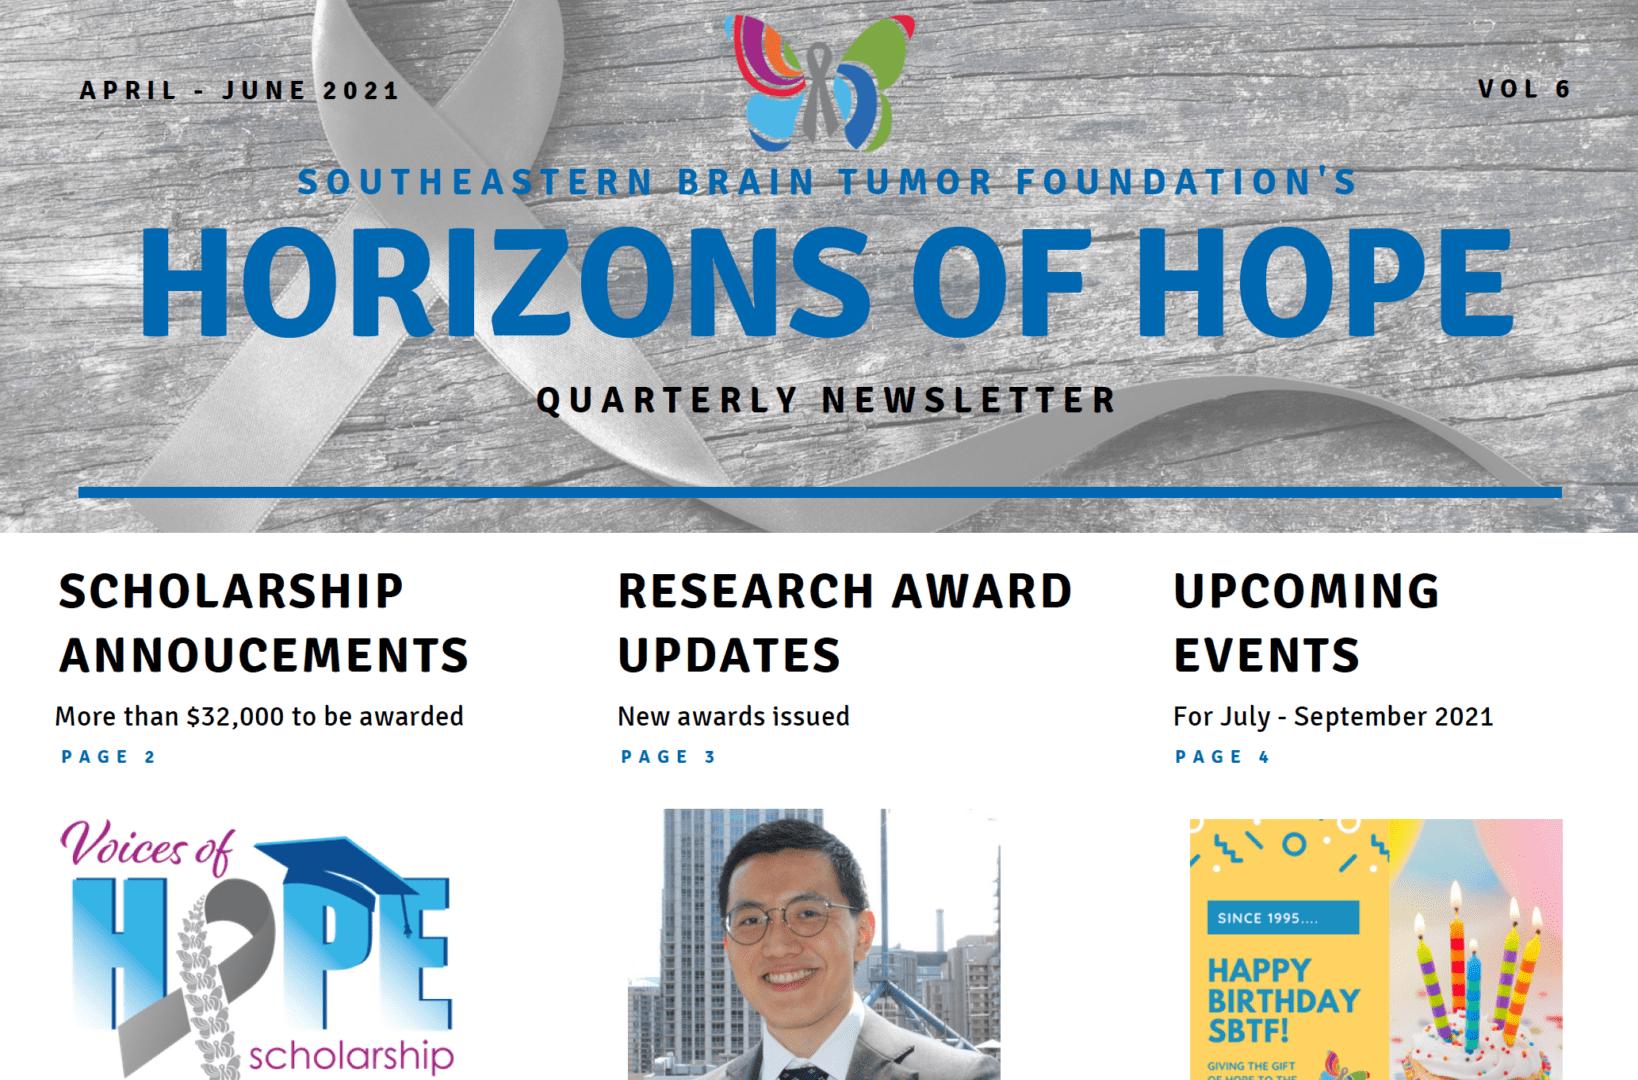 Q2 Horizons of Hope